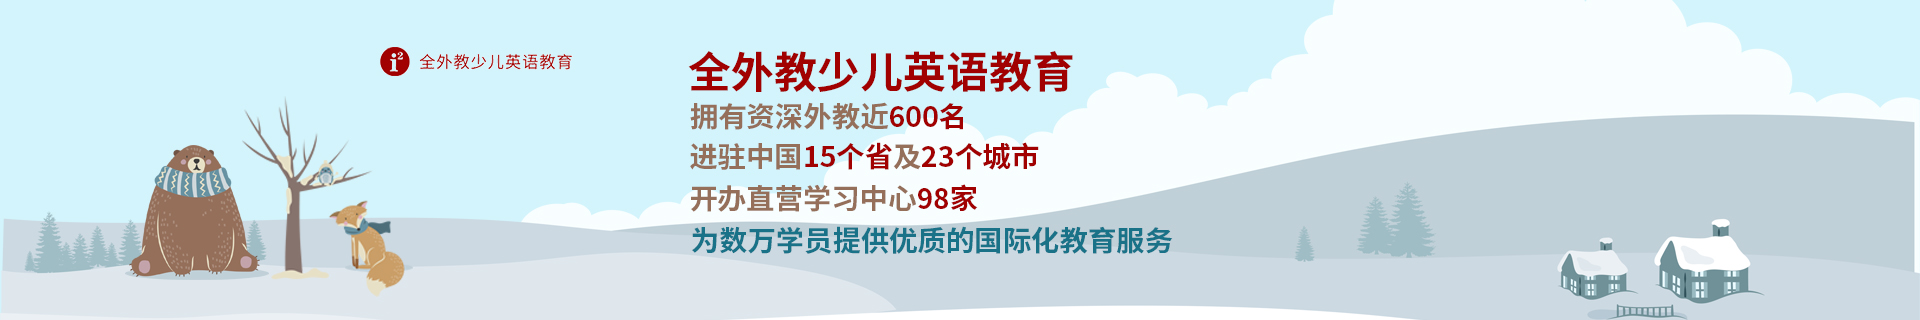 德阳渭河路i2国际私塾